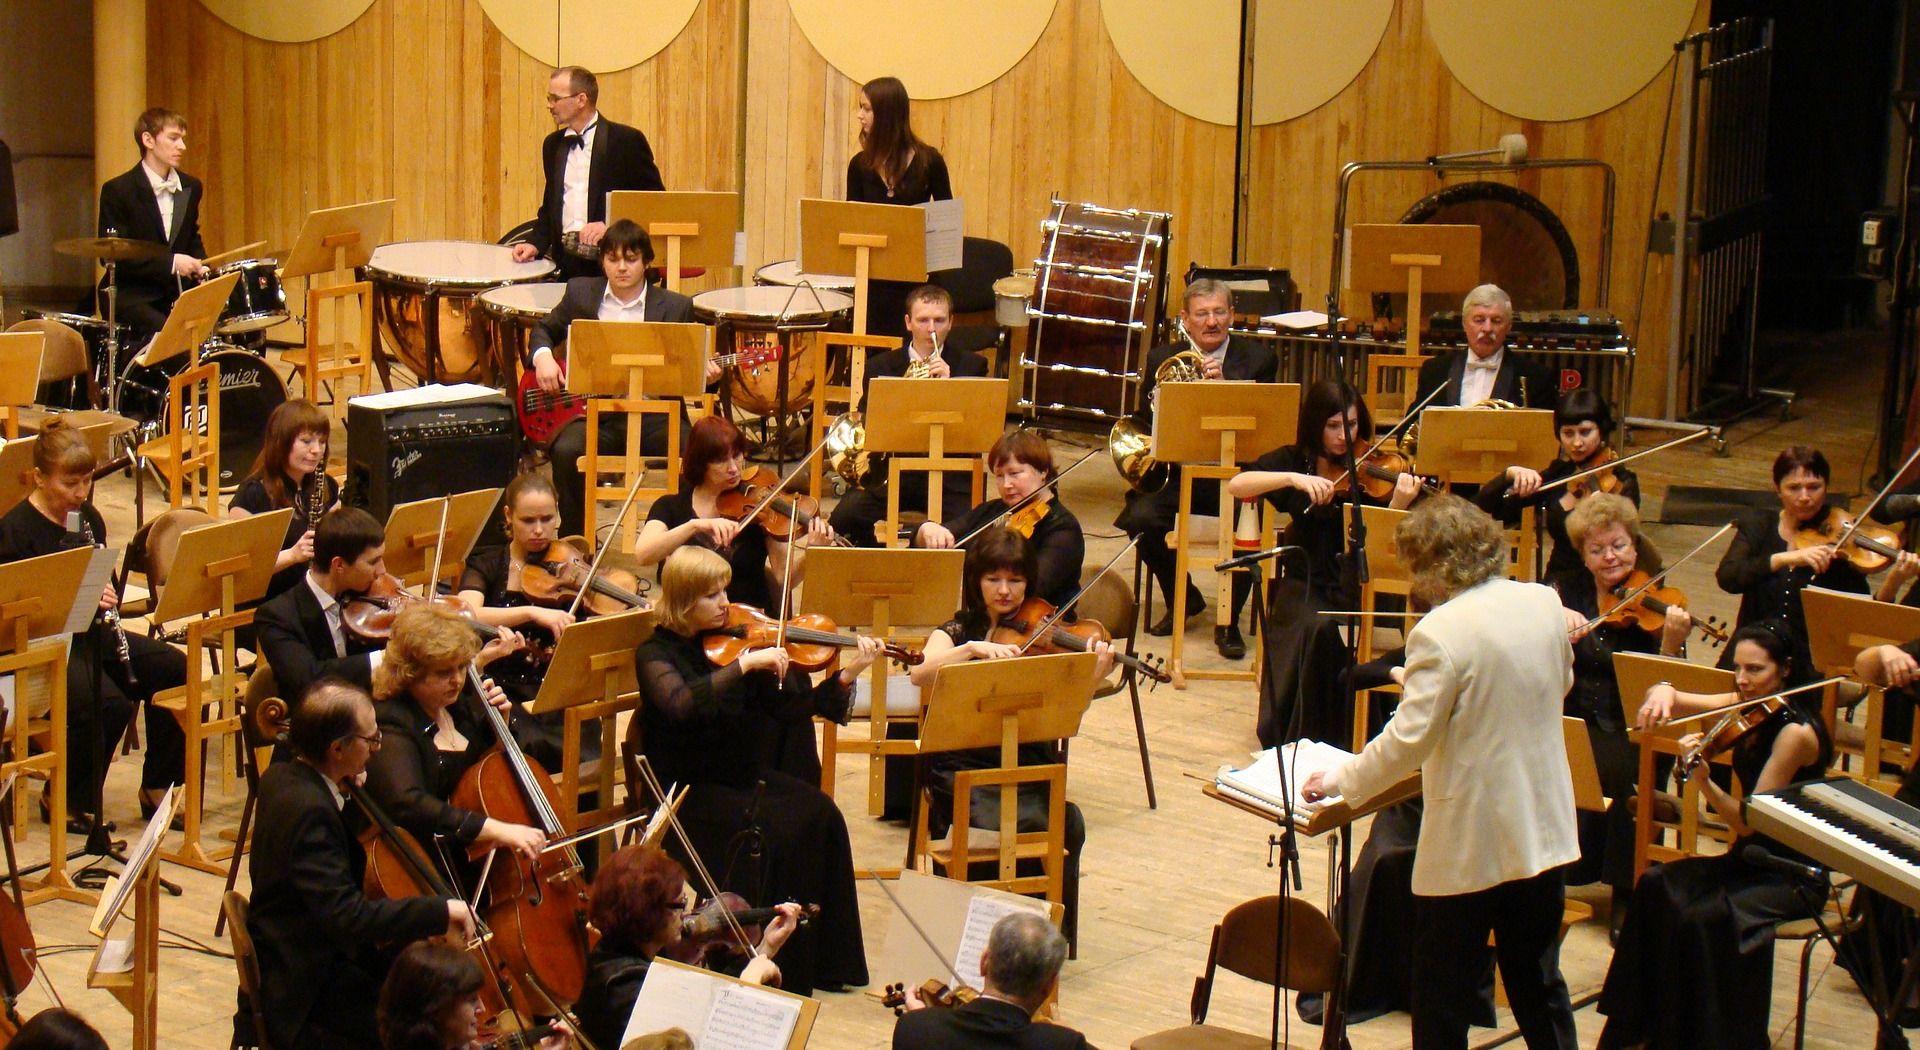 Bečka filharmonija otvorit će svoju glazbenu akademiju